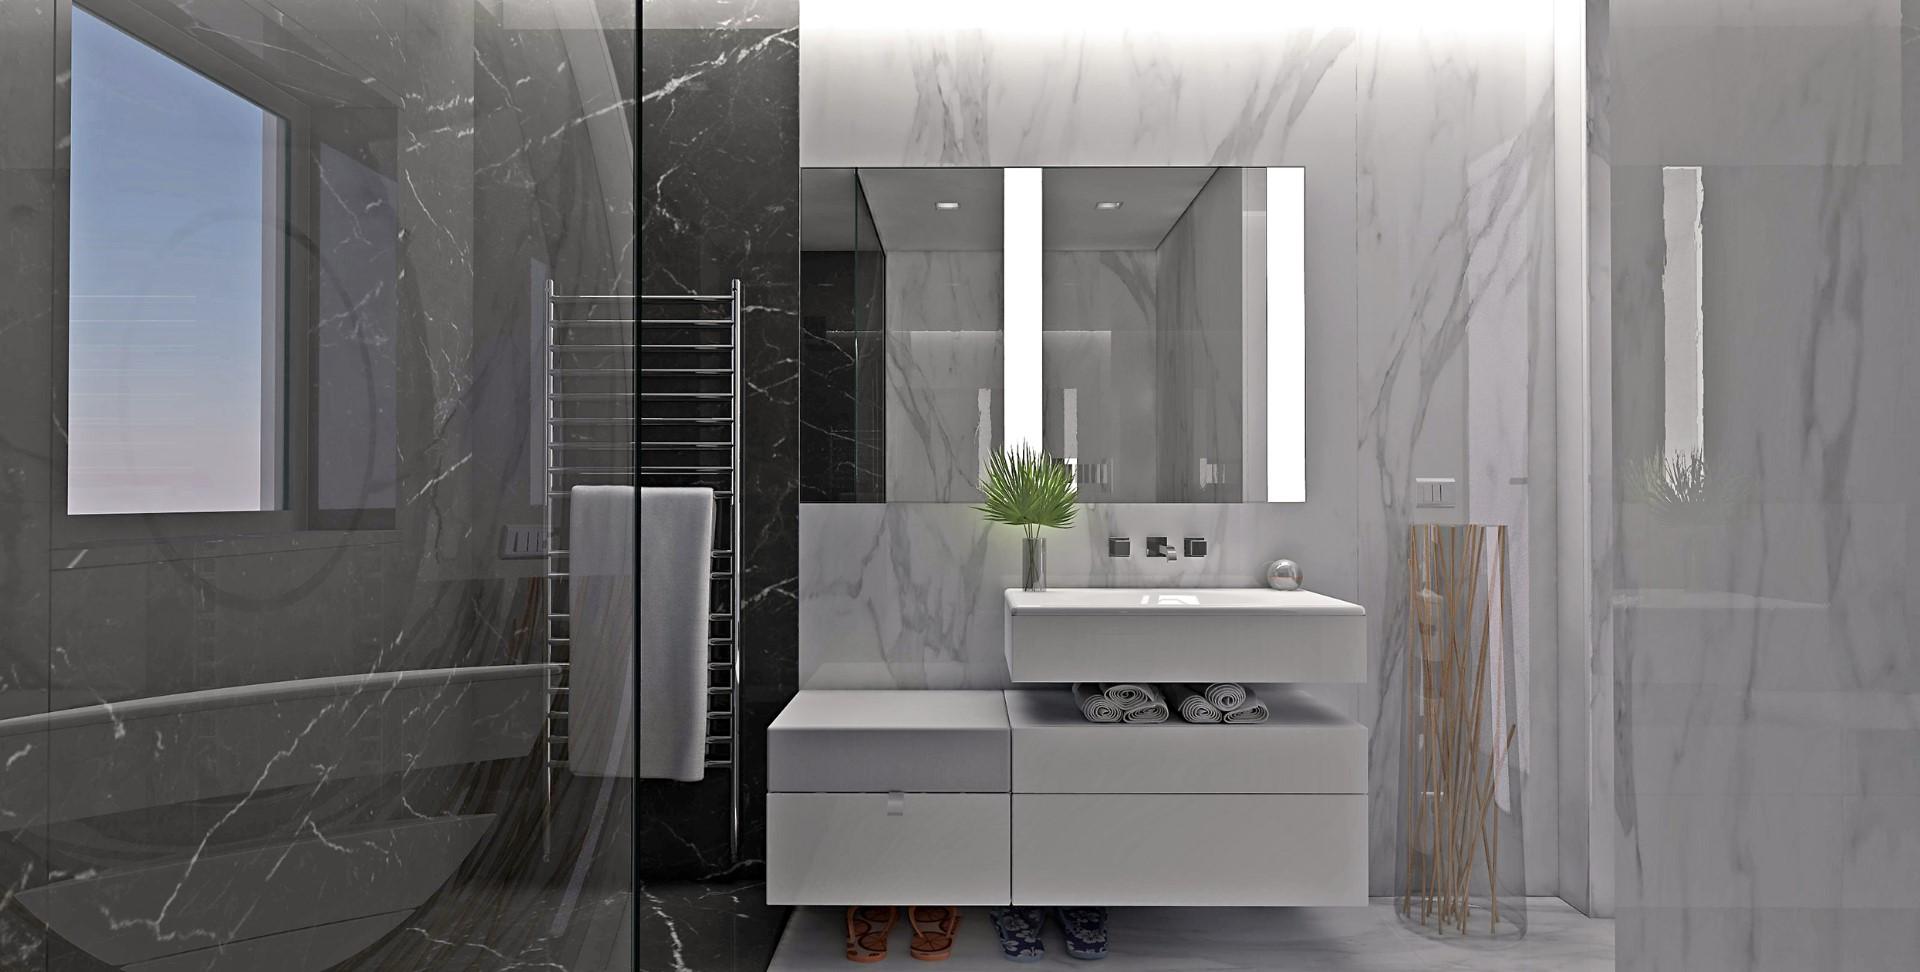 002 - WC 02 Calacata marble.jpg